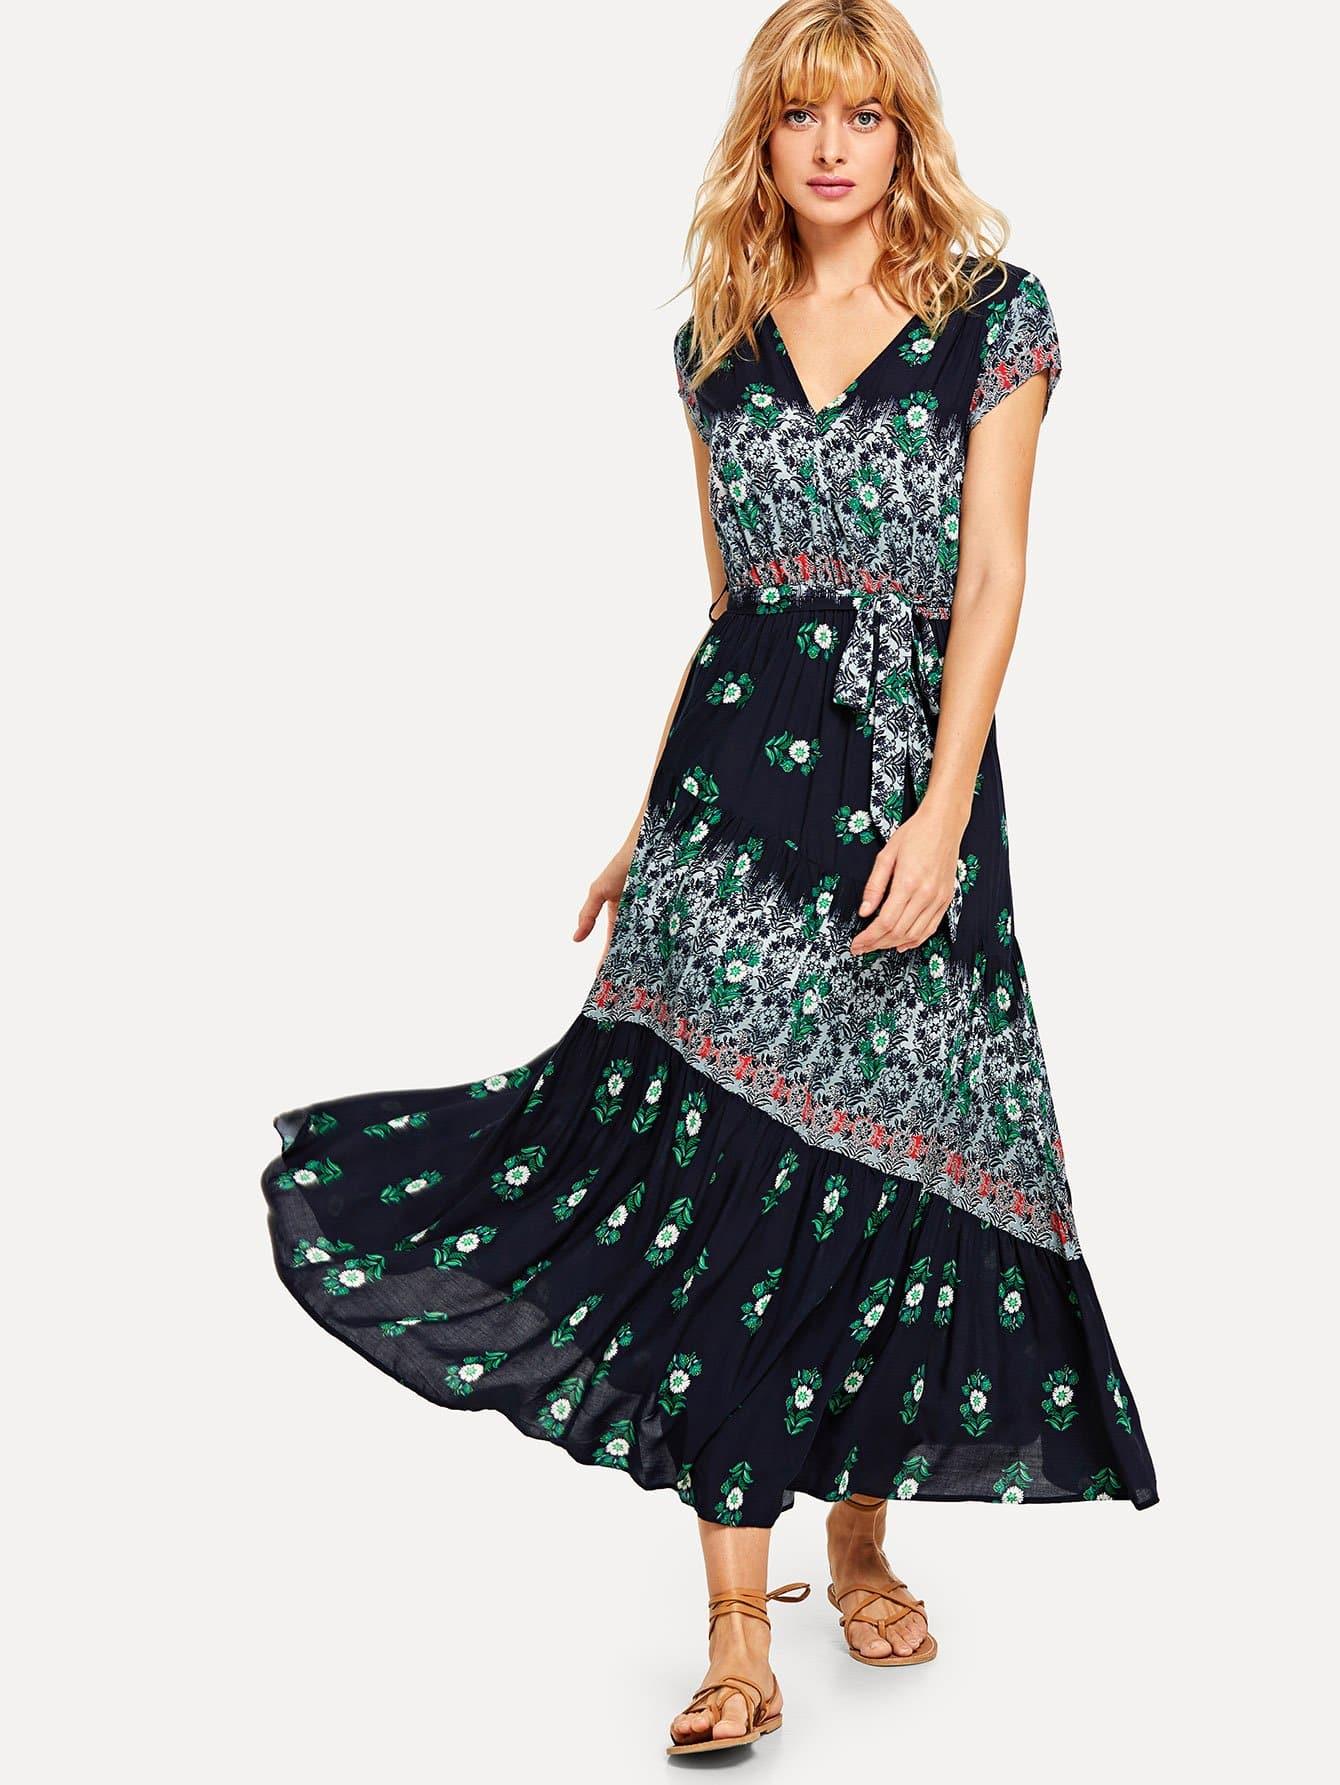 Купить Платье с капюшоном для племенных принтов, Masha, SheIn